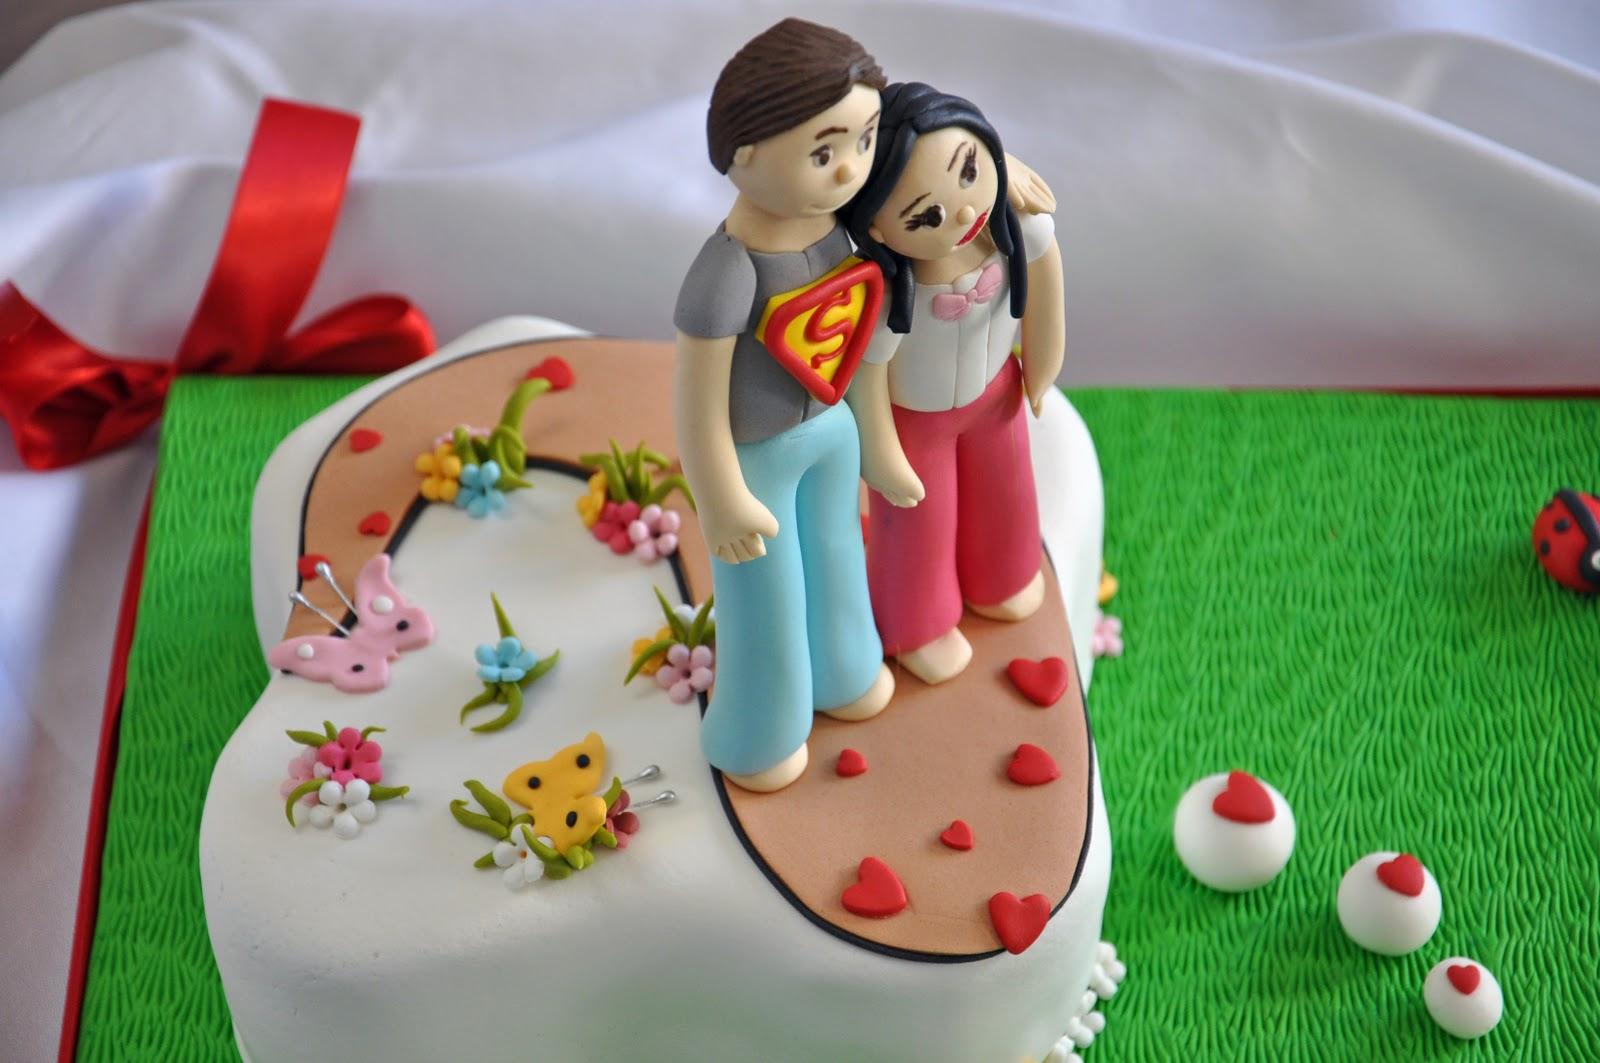 Sevgililer Günü Pastası - Sevgililer Günü Pastası Görselleri 5